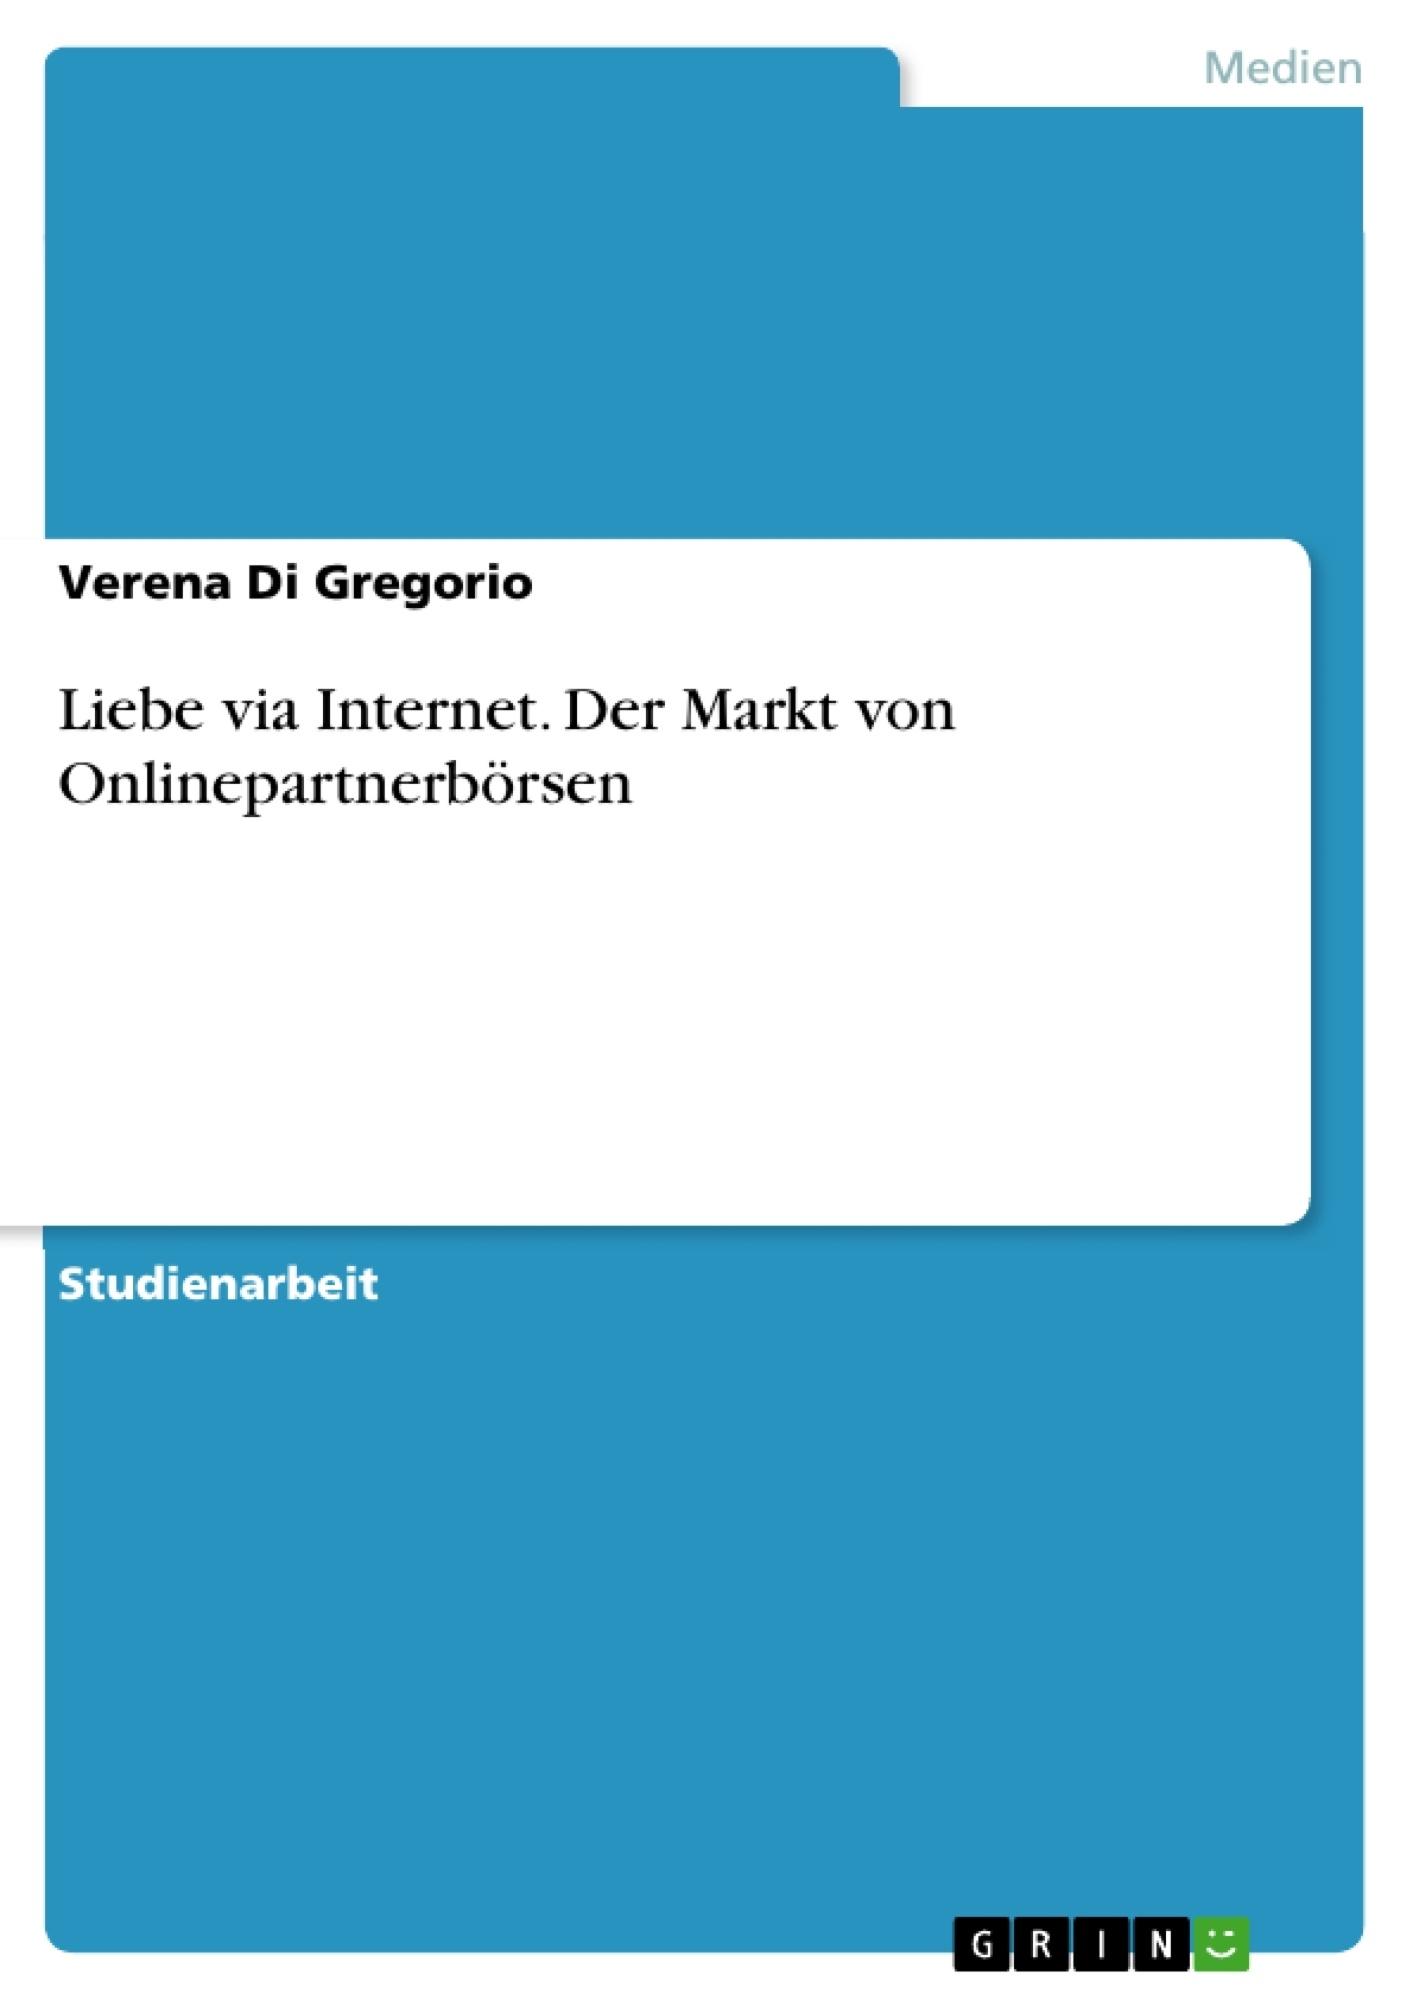 Titel: Liebe via Internet. Der Markt von Onlinepartnerbörsen